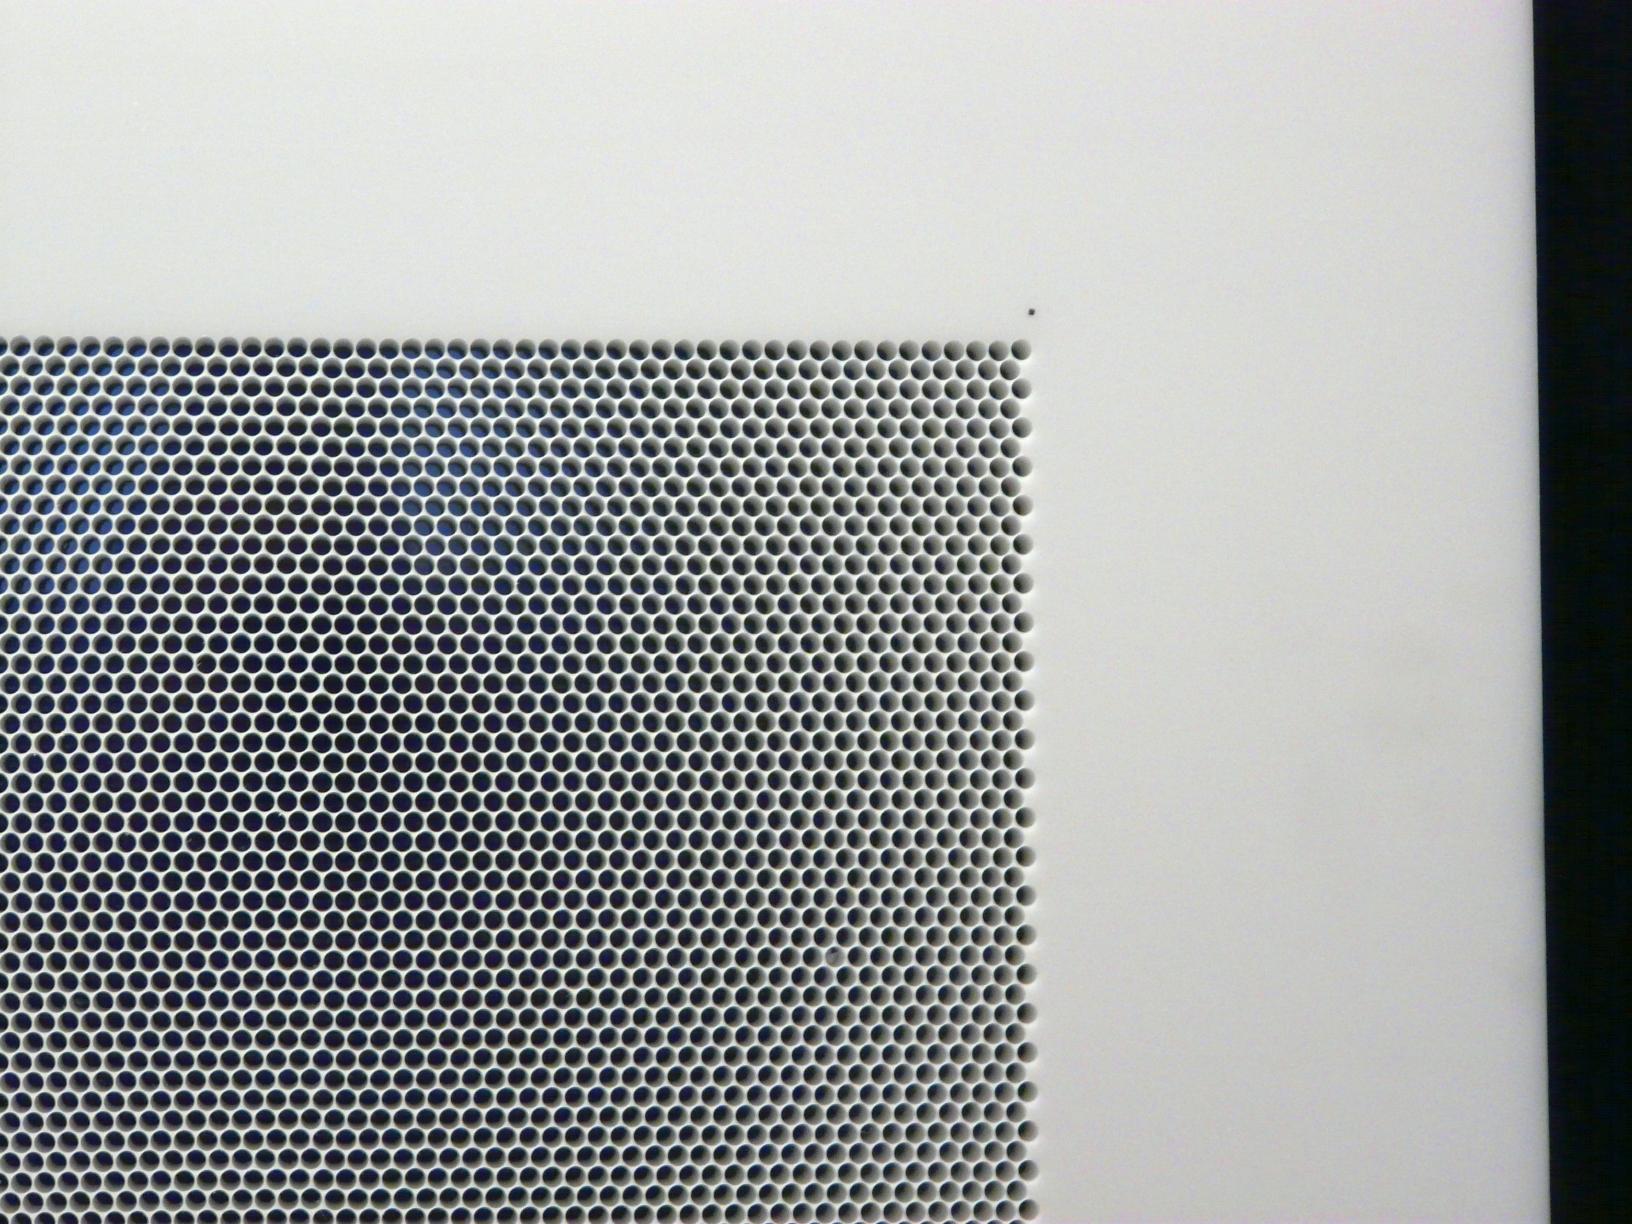 Lochung 5,5mm - Teilung 6mm - Materialstärke 25mm